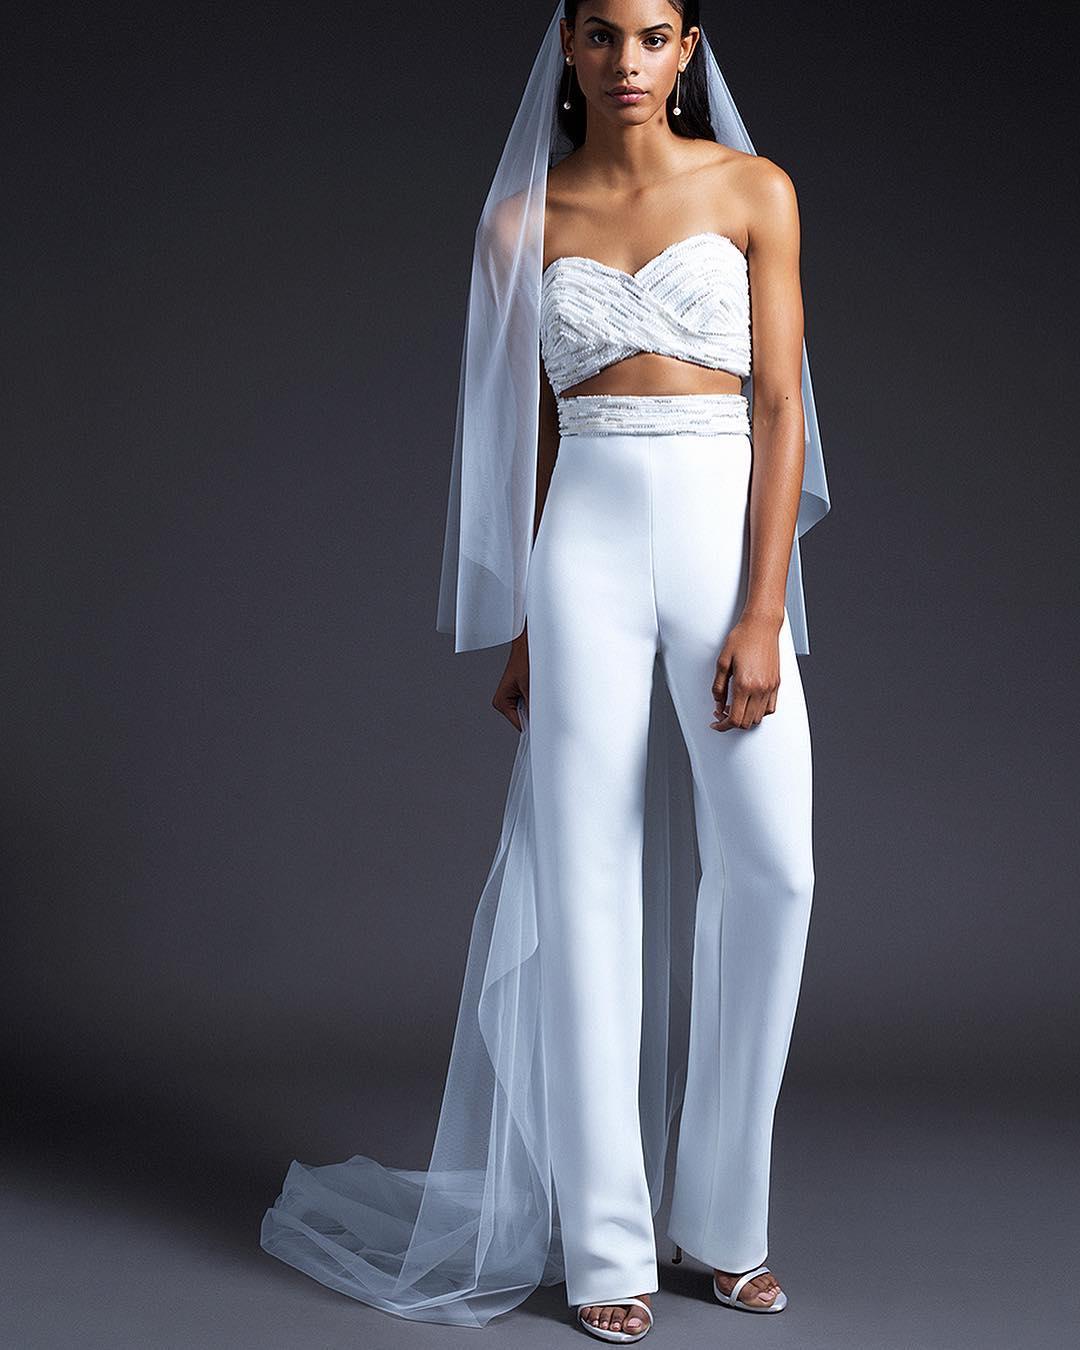 Дизайнеры свадебных платьев, о которых вы не слышали-Фото 3